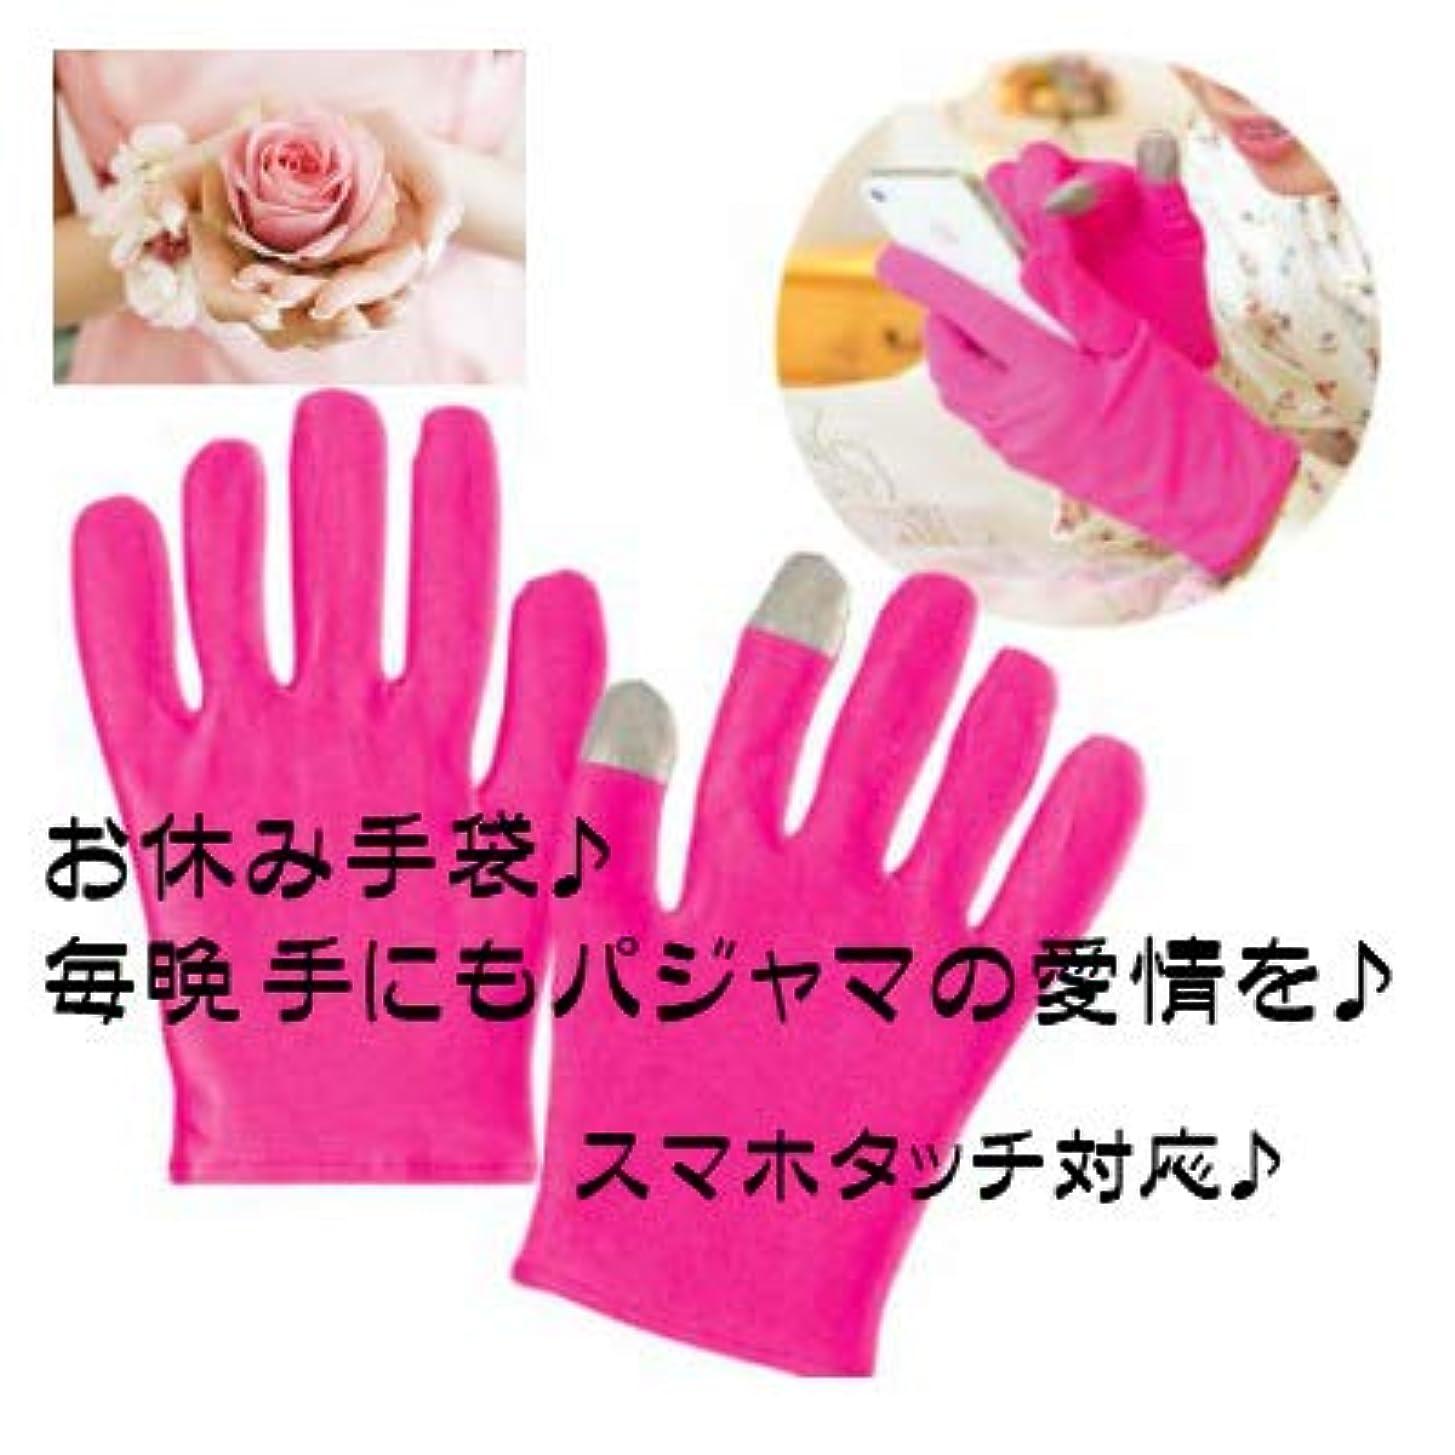 ネックレットディンカルビルバンク美容ハンドケア手袋 就寝手袋 スマホタッチ対応 おやすみ手袋保湿手袋